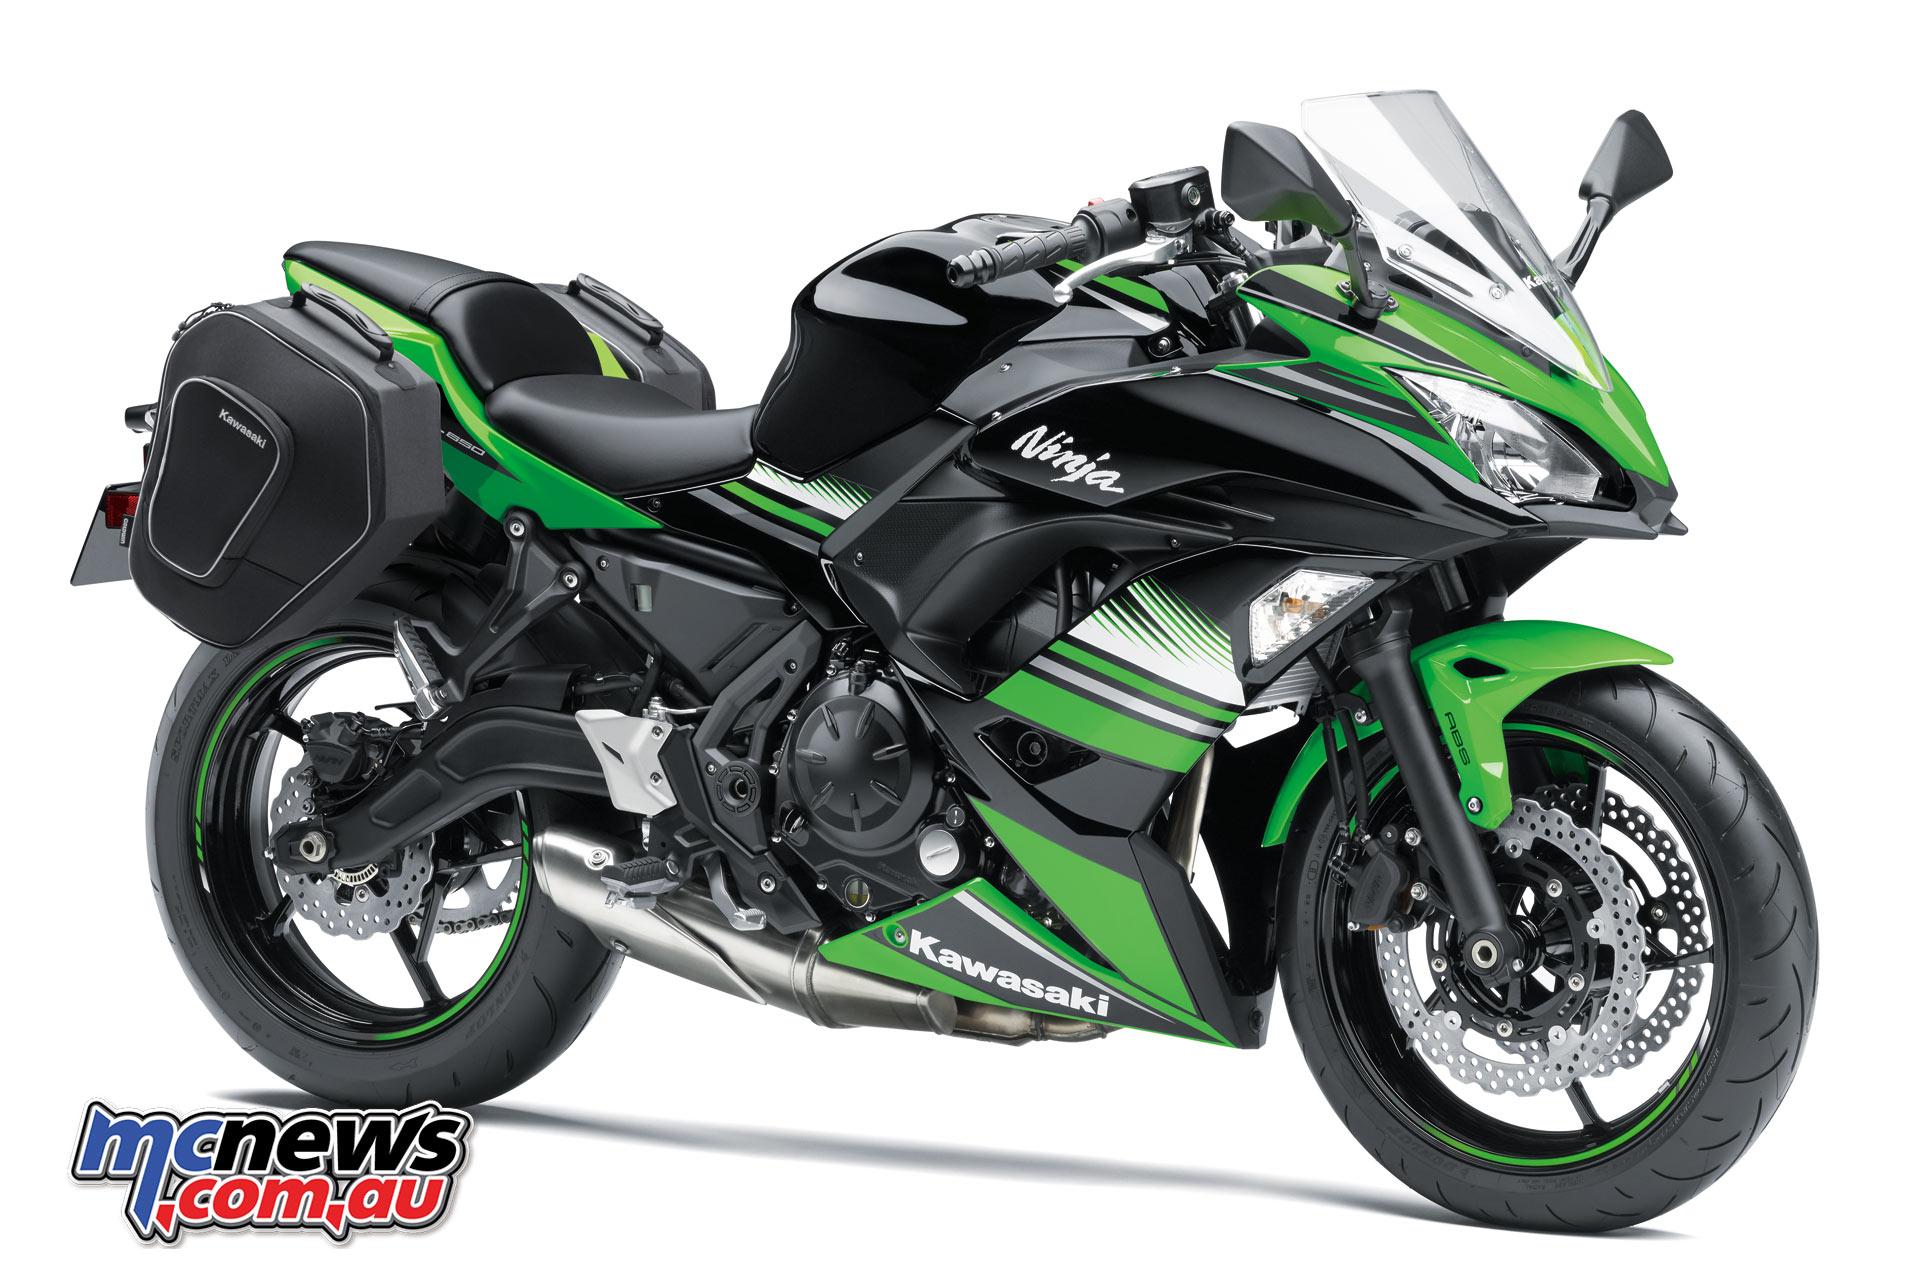 Kawasakis New For 2017 Ninja 650 650l Mcnewscomau